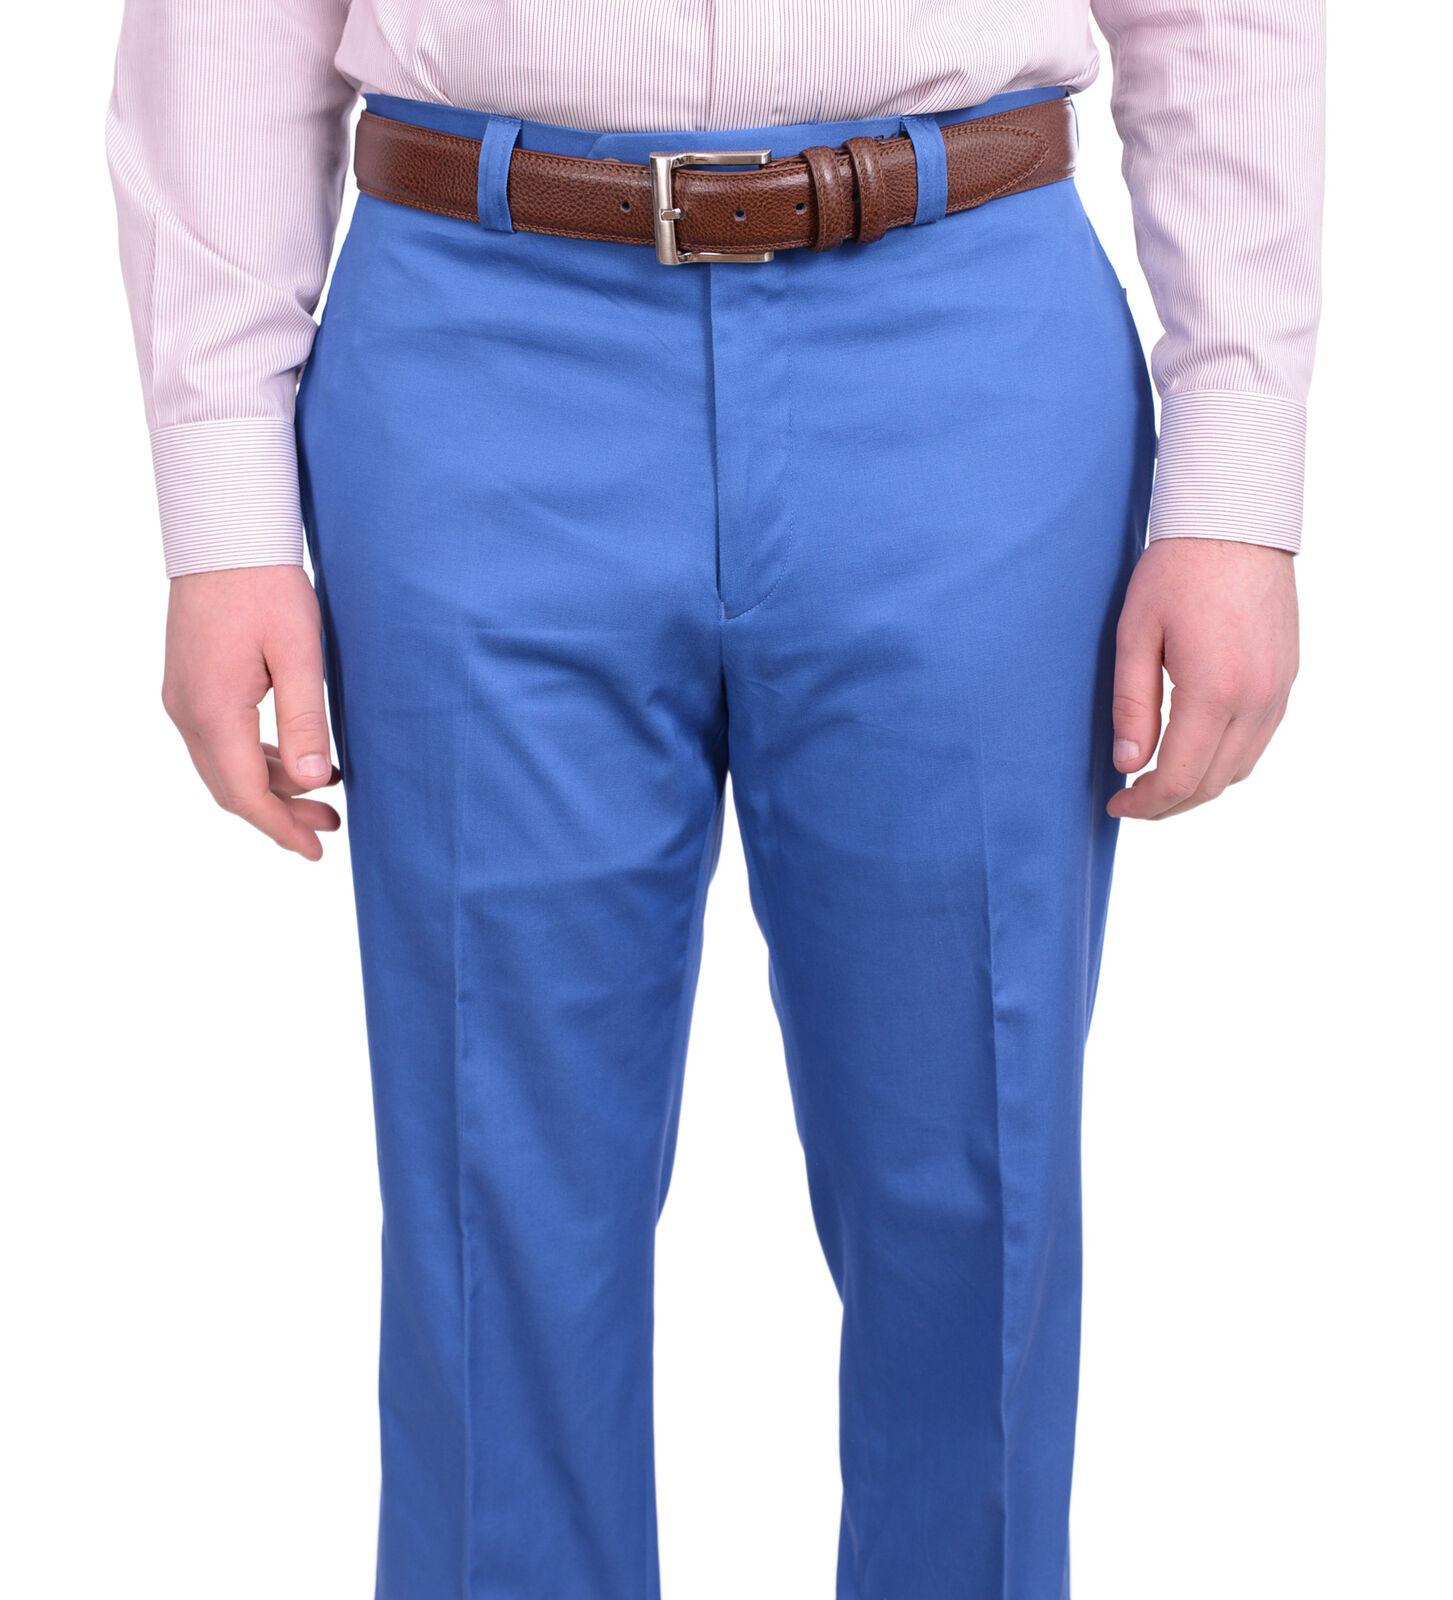 Lauren Ralph Lauren Classic Fit Solid bluee Flat Front Cotton Dress Pants